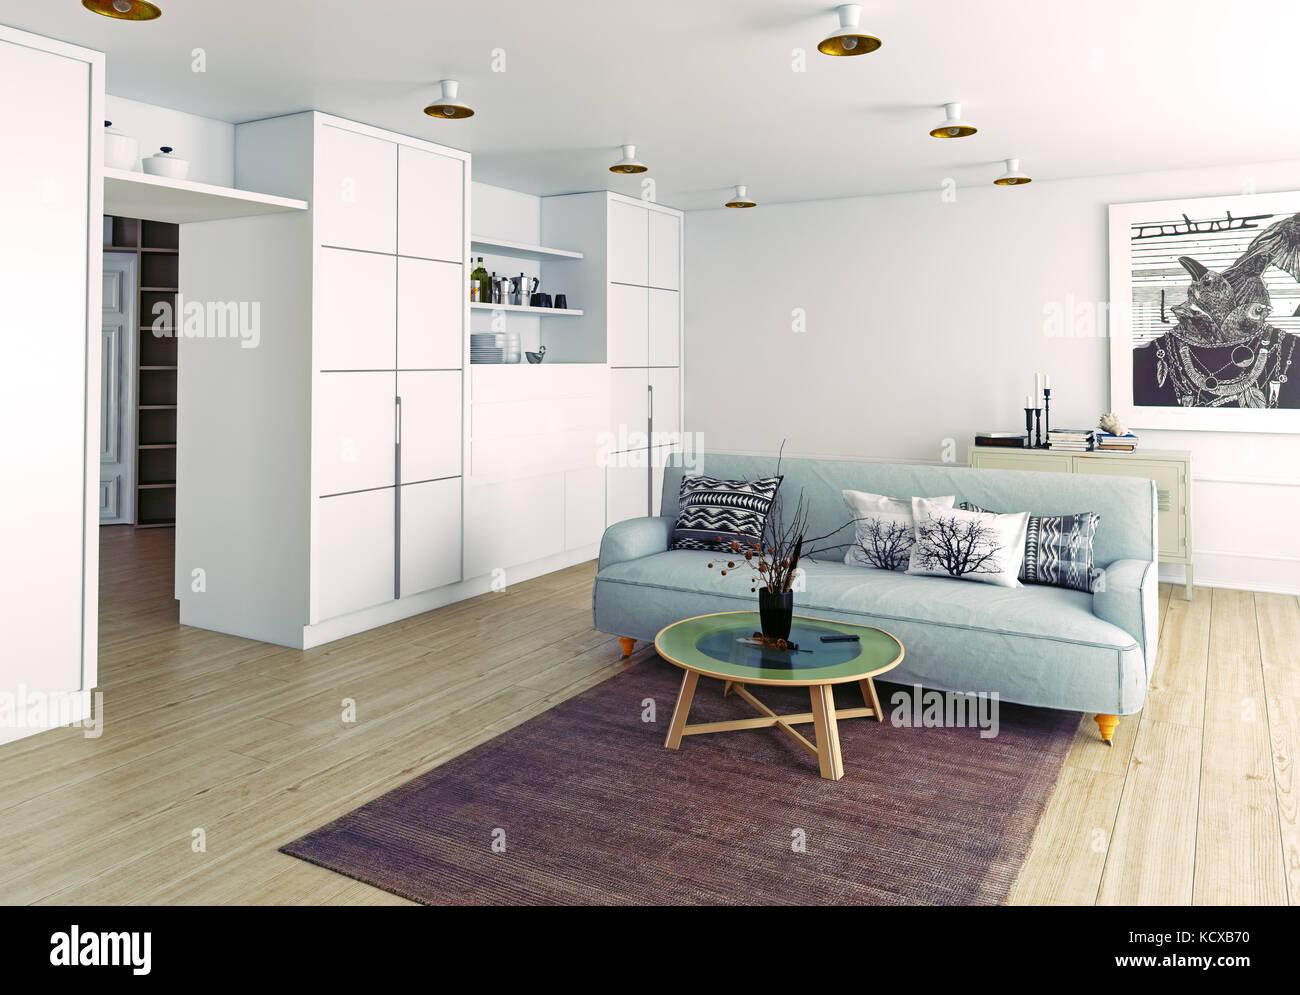 Modernes Wohnzimmer. 3D-Rendering Stockbild